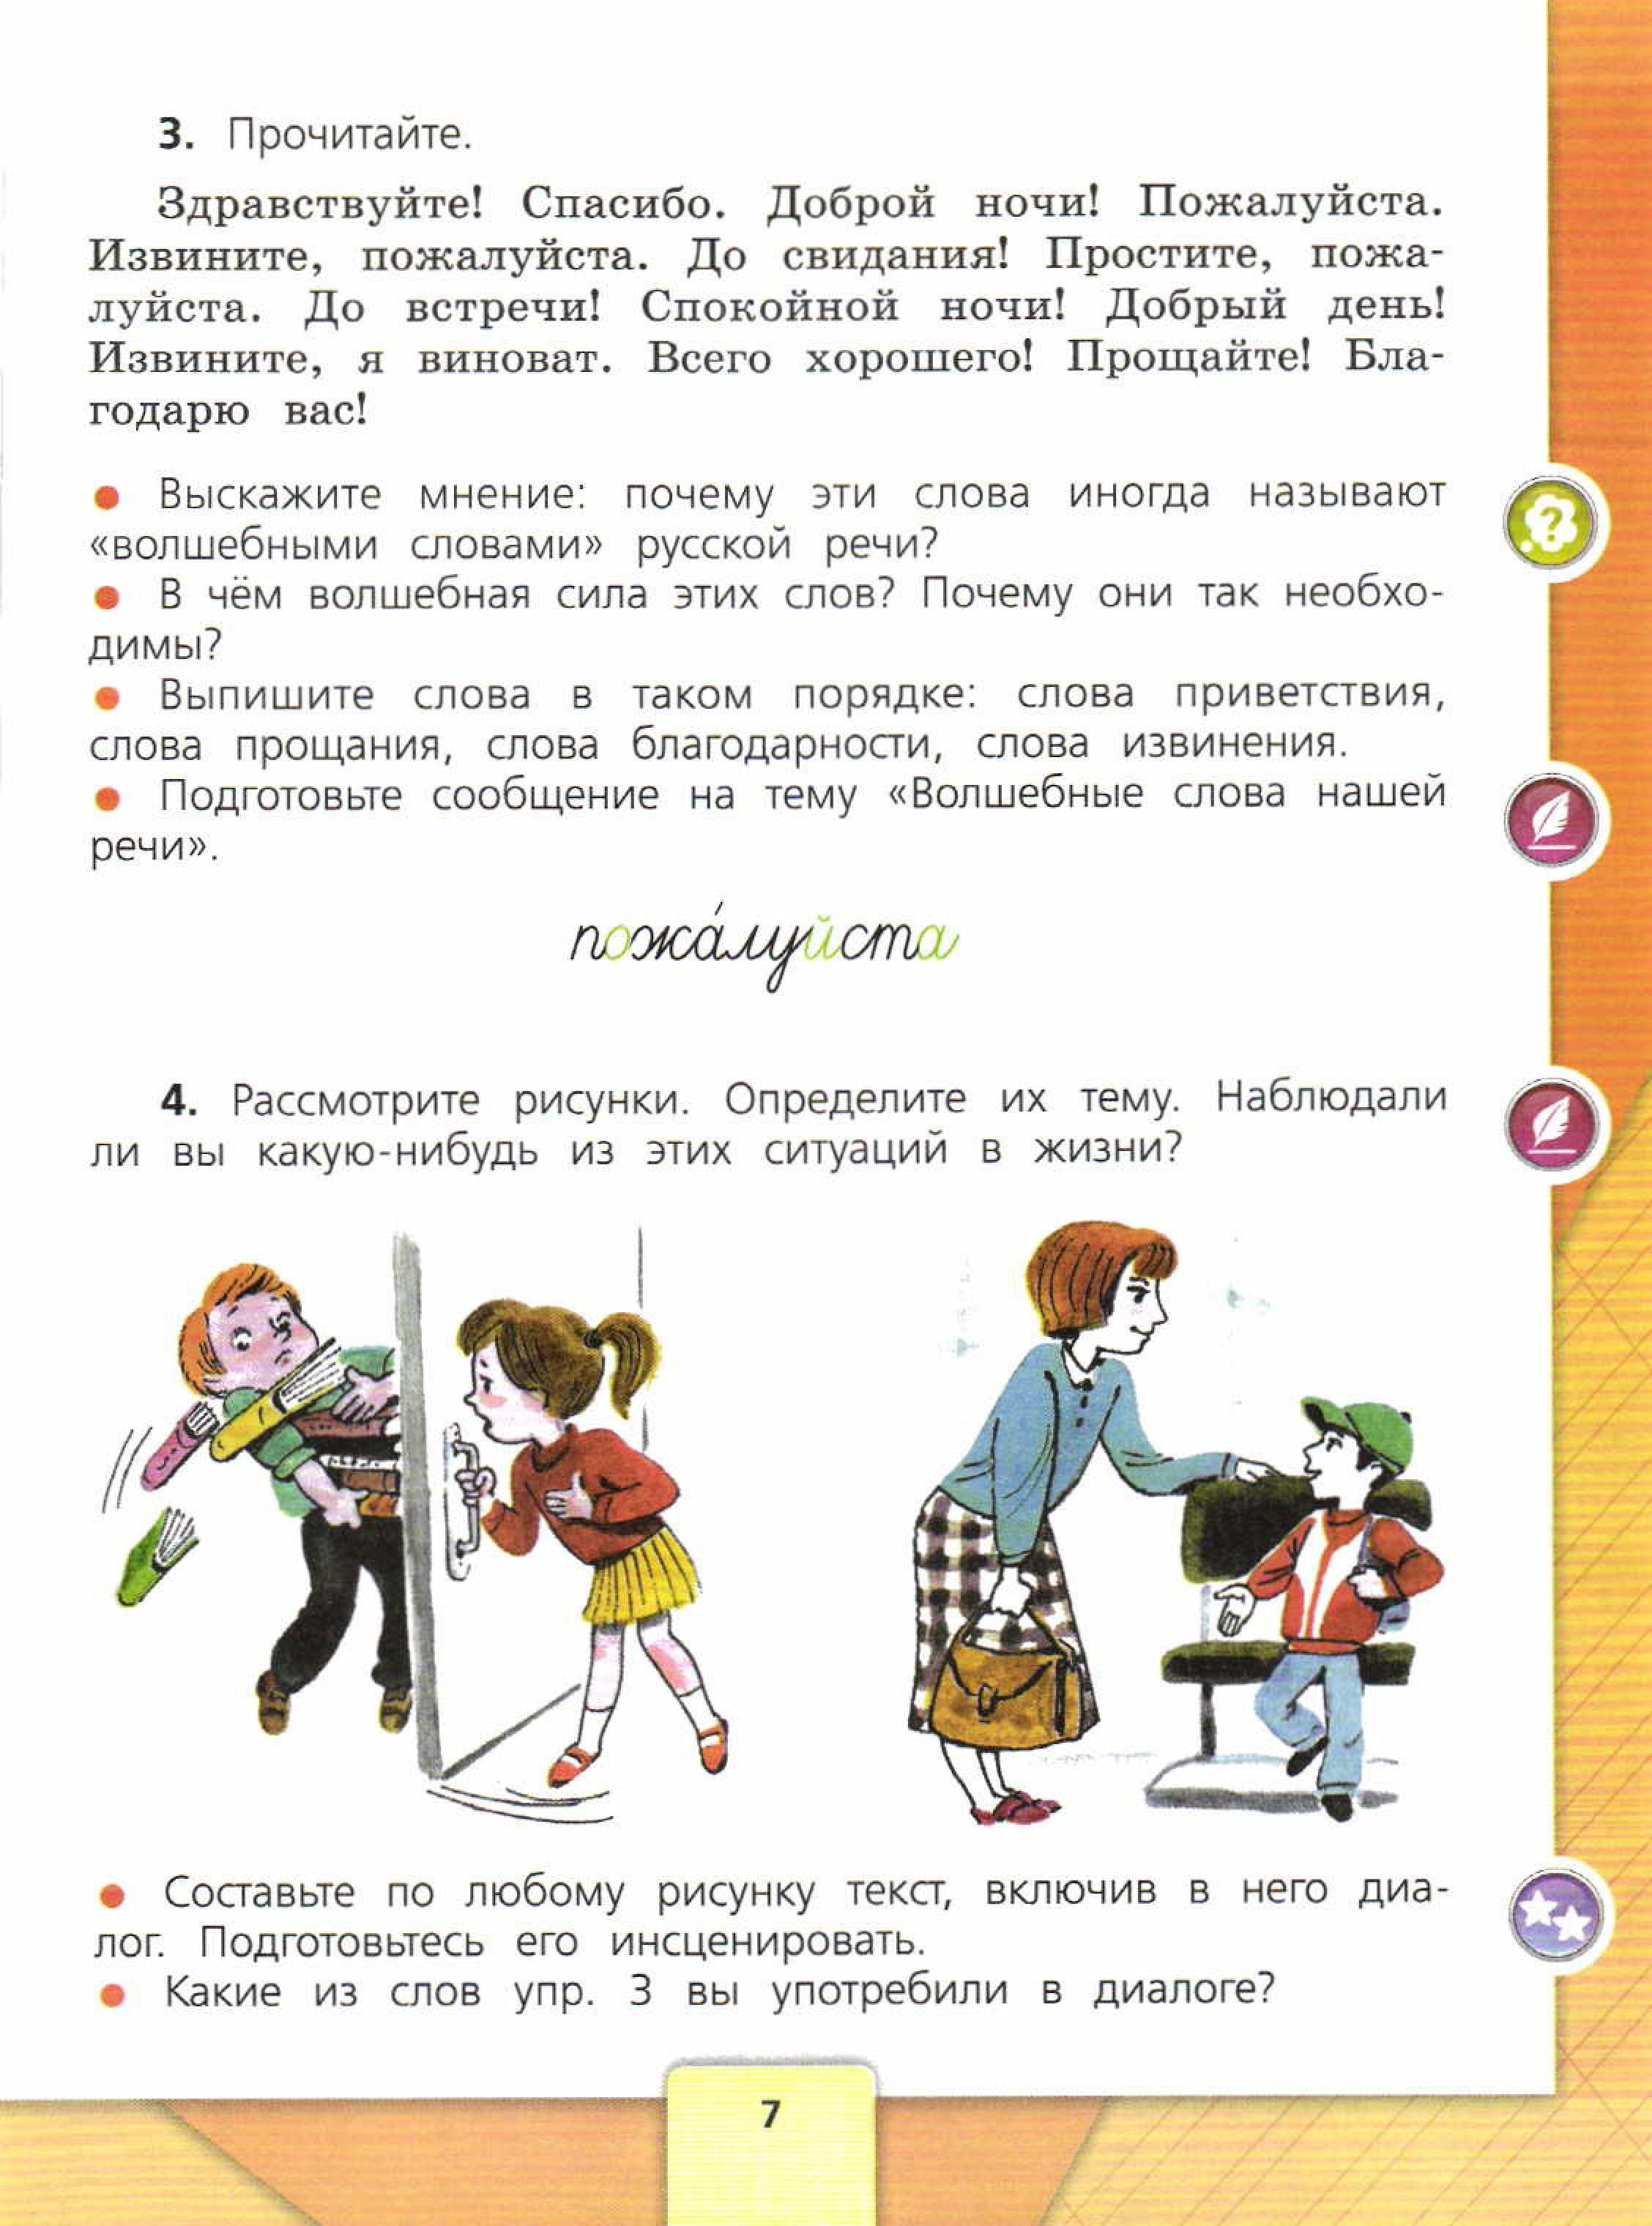 Скачать бесплатно русский язык 2 класс электронное приложение зелениной